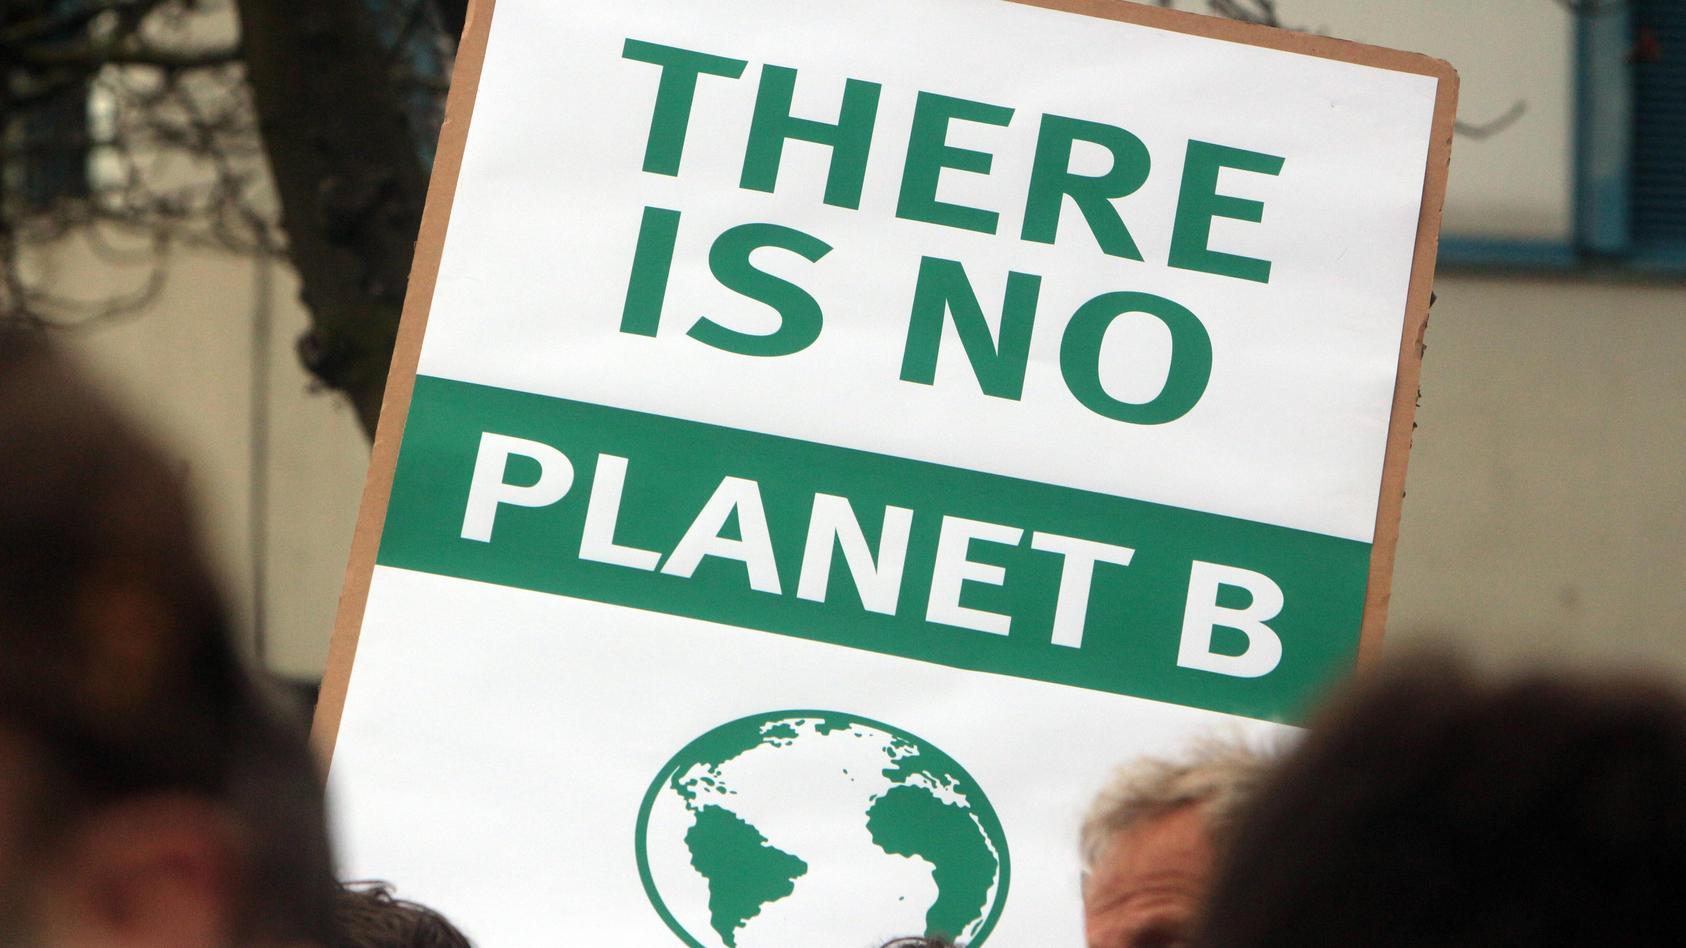 Klimaschutz und Pandemie: Wie passt das zusammen?